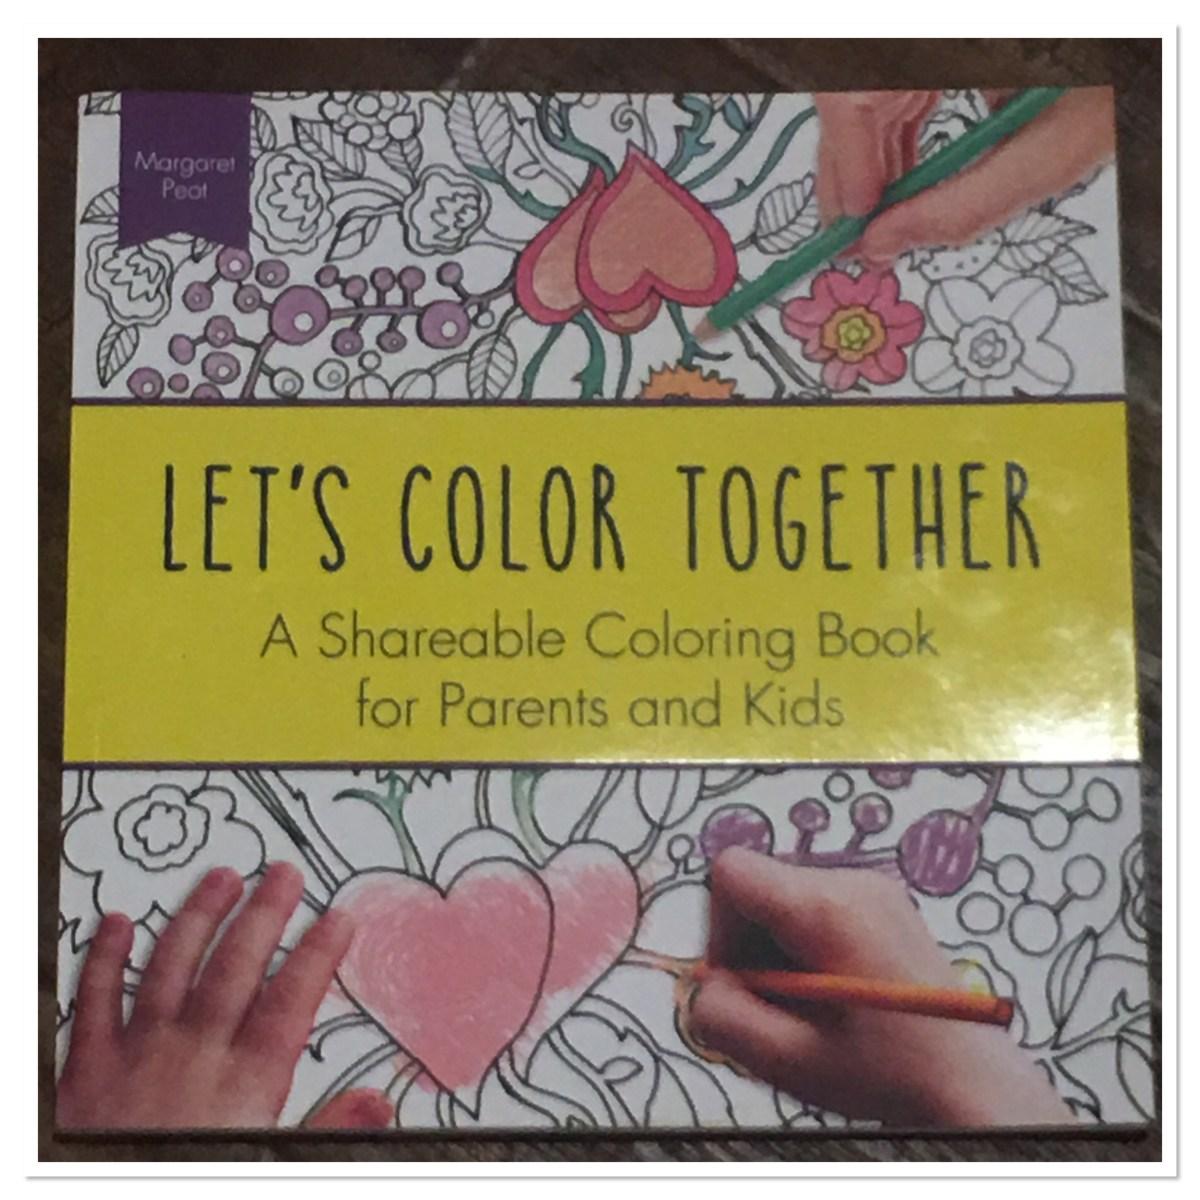 Let's Color Together published by Sourebook